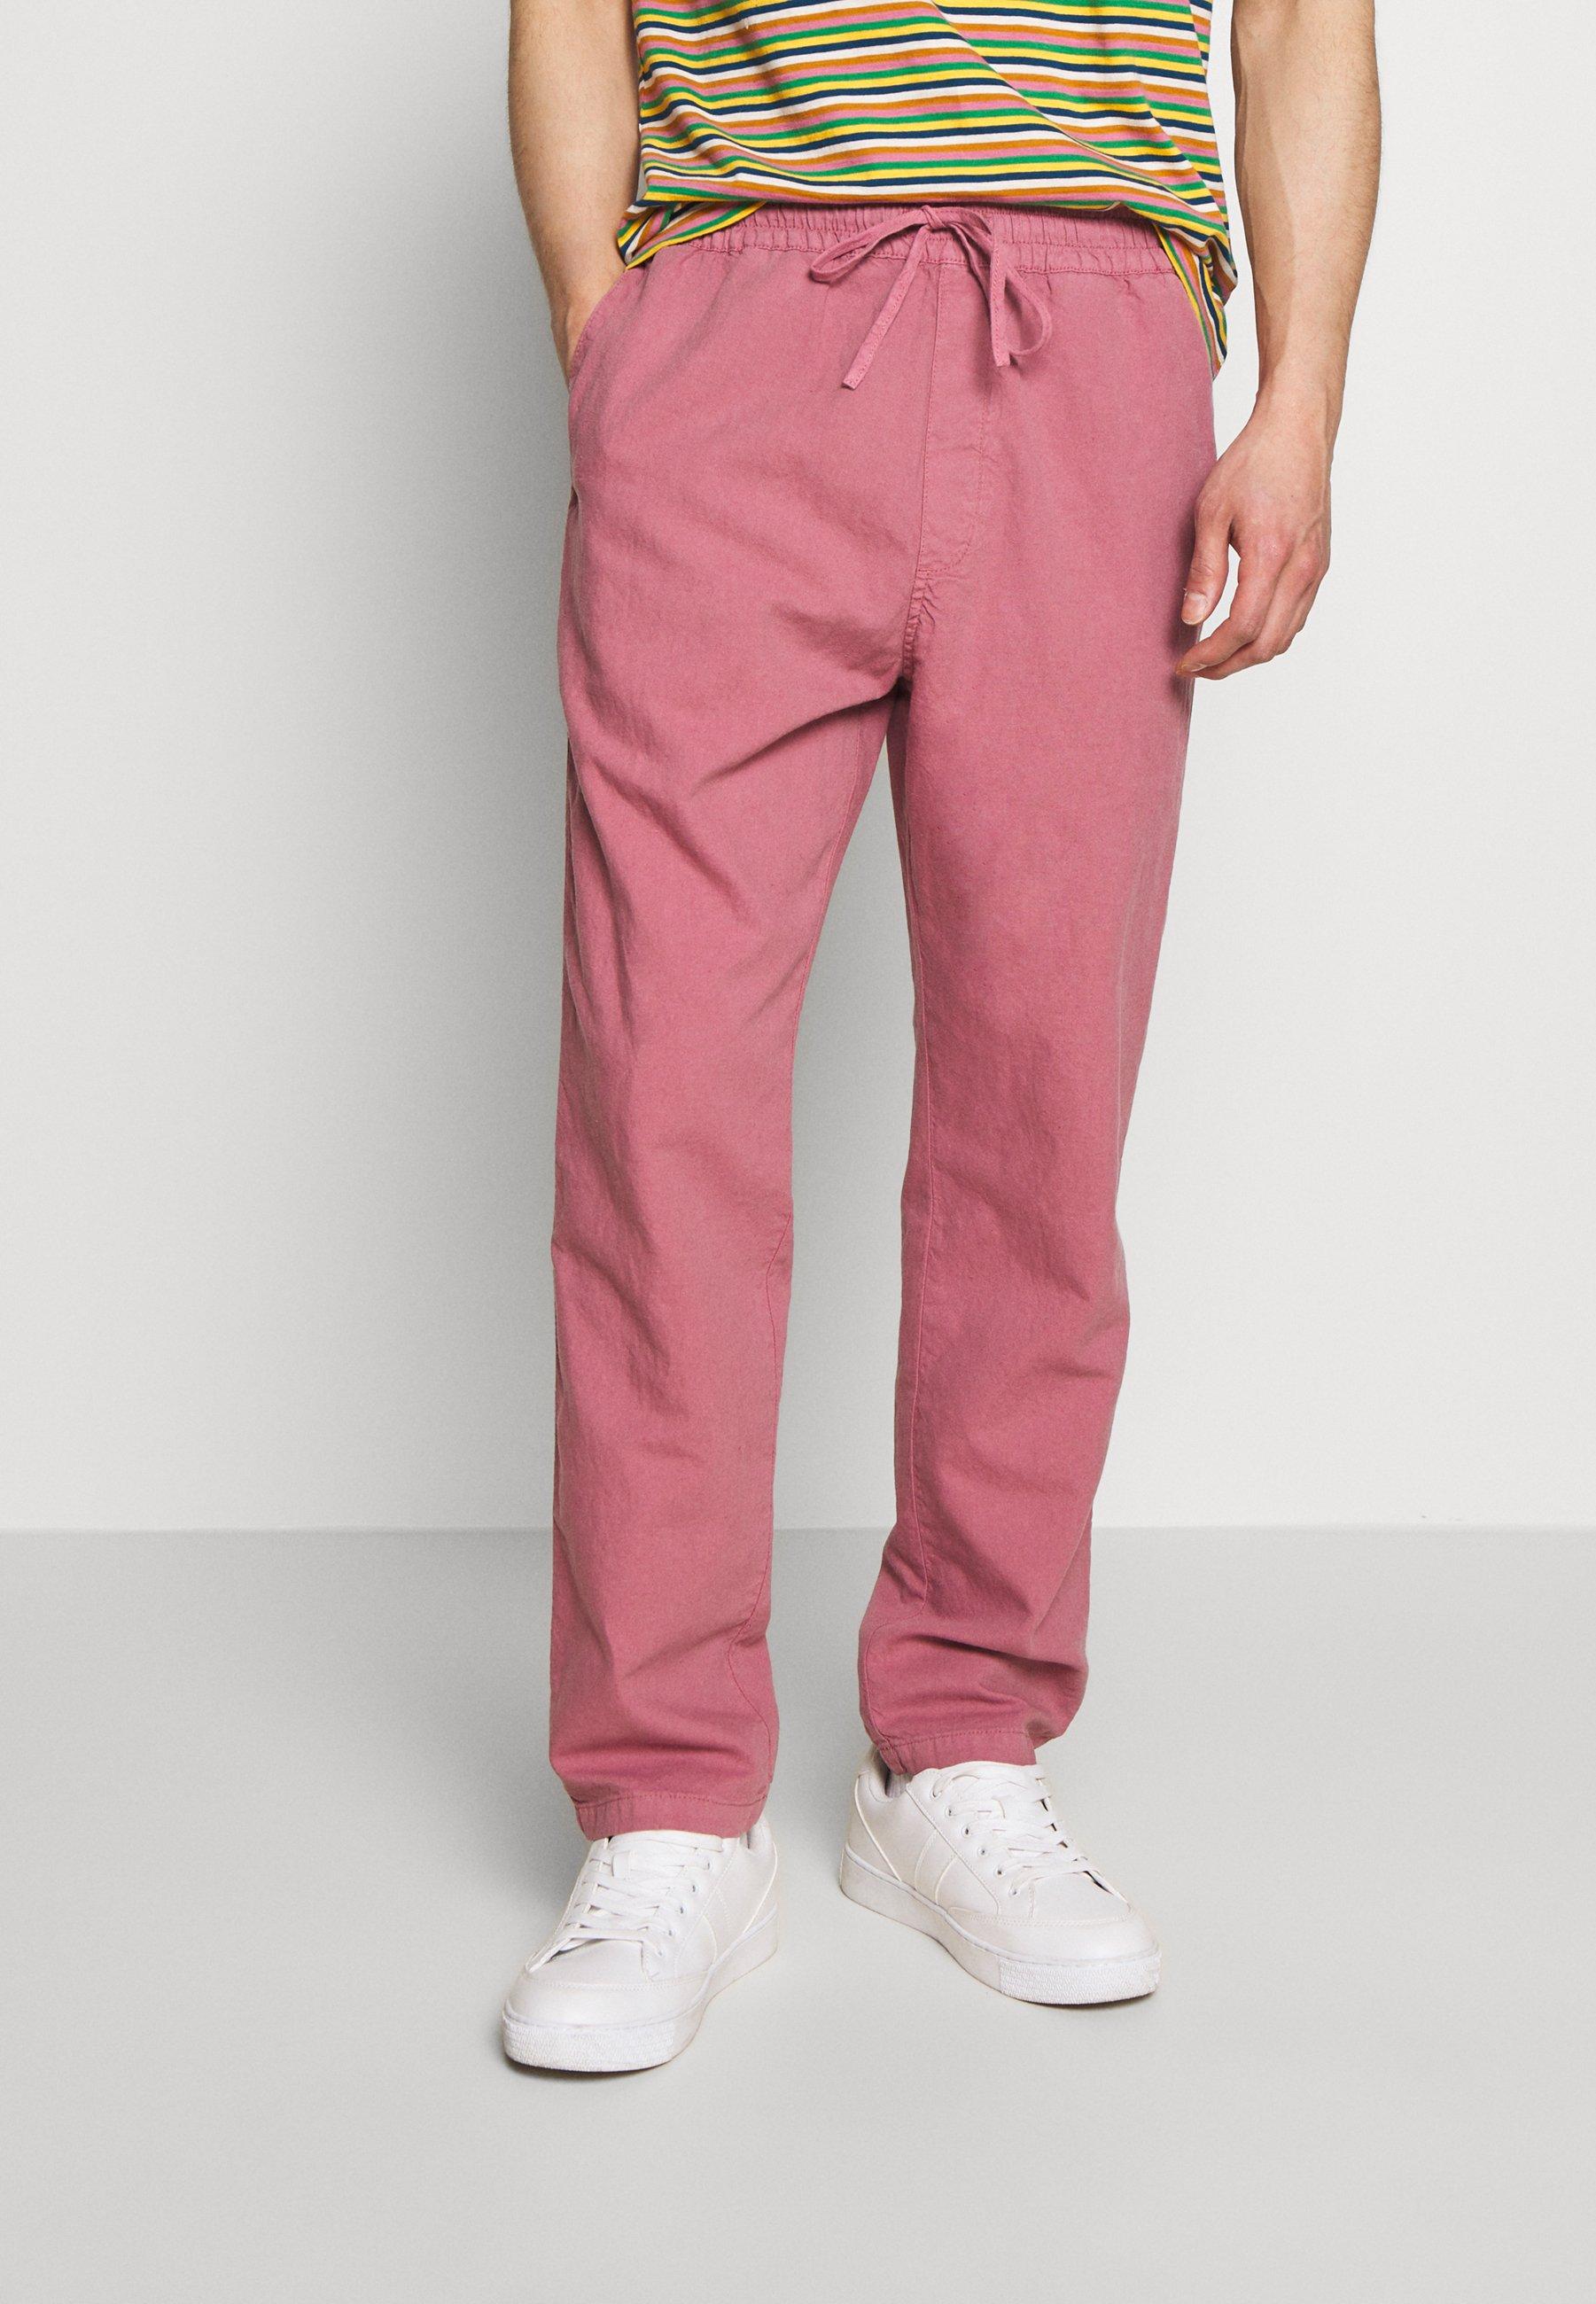 Pantalones de marca YMC You Must Create de hombre | Comprar